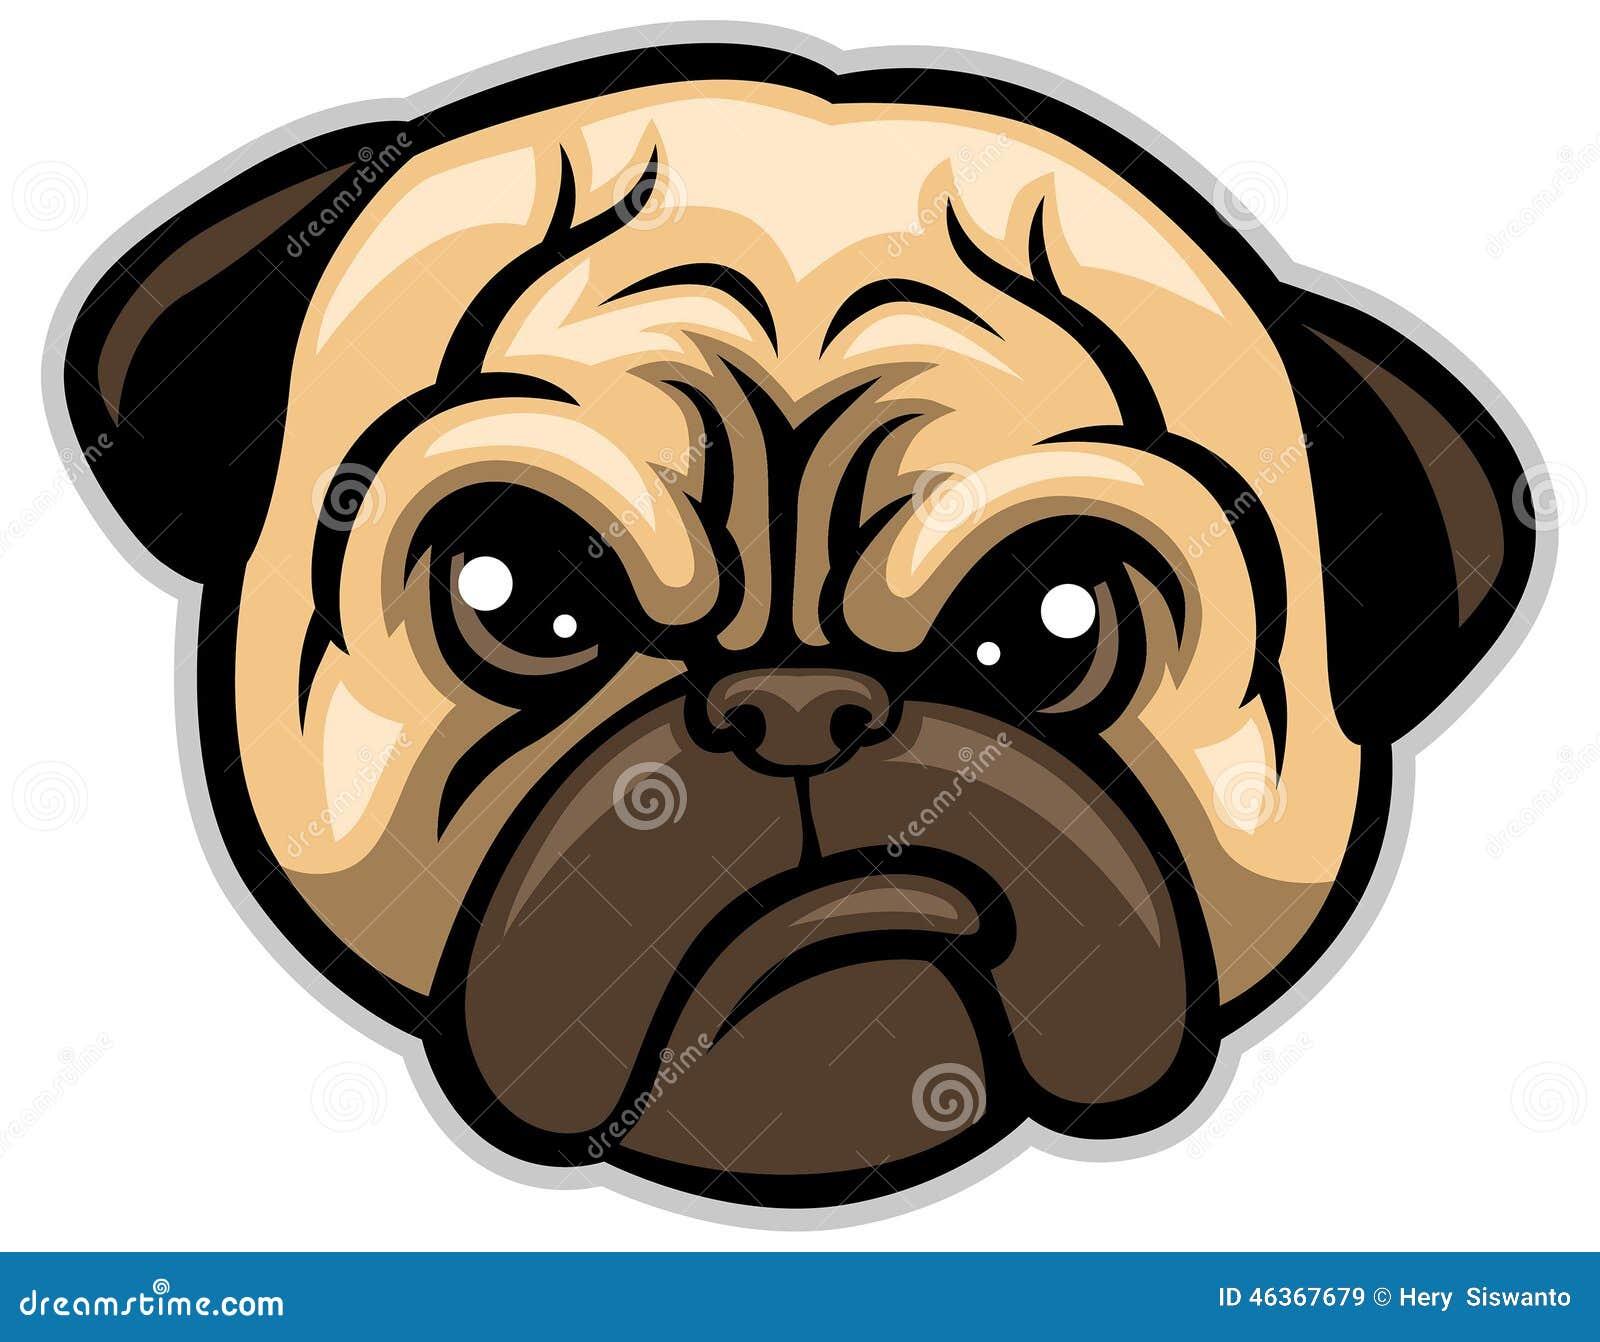 pug-dog-head-vector-46367679 jpgDog Head Vector